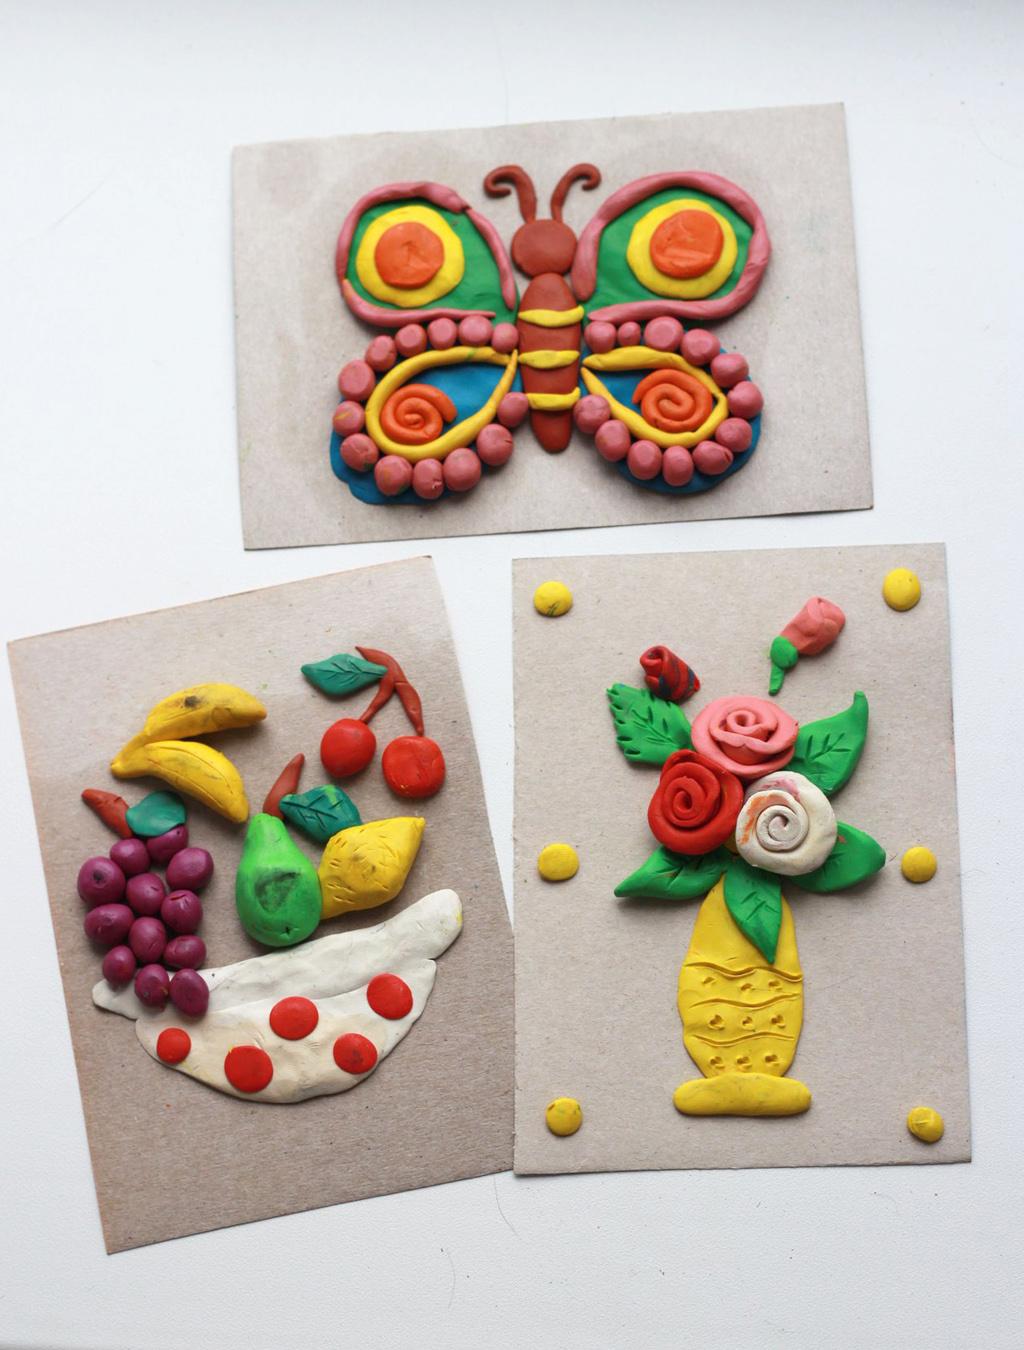 Картинки из пластилина: лучшие идеи и уроки для любого возраста